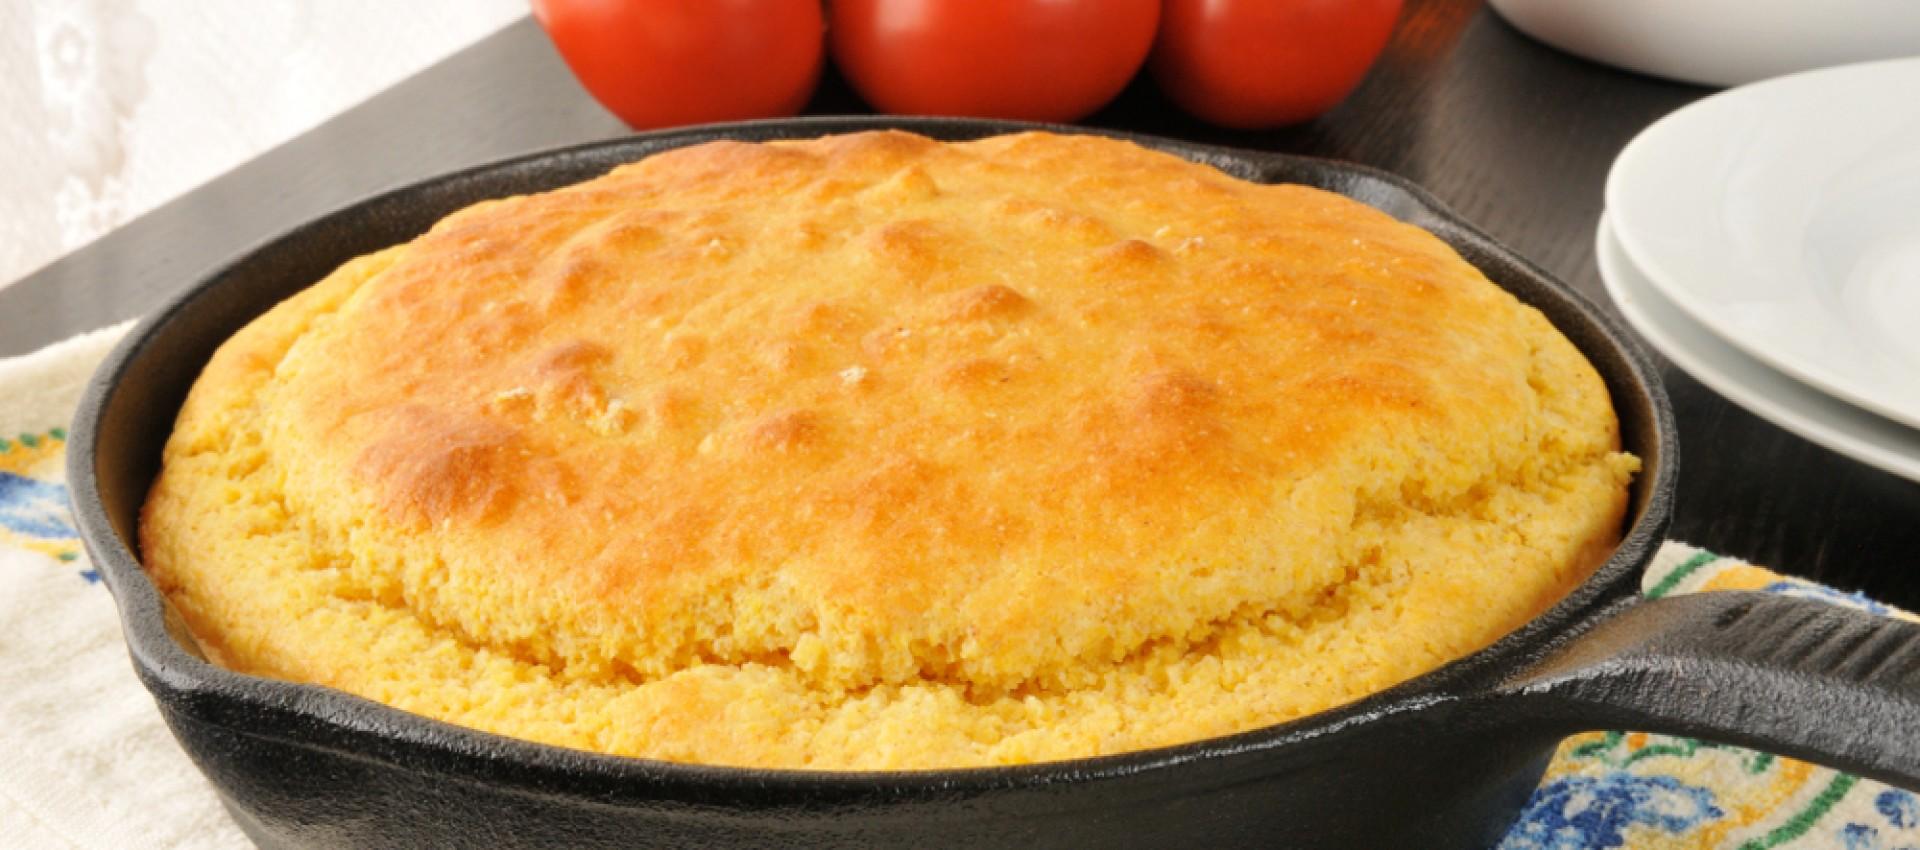 Mexican Corn Bread Casserole Recipe Image